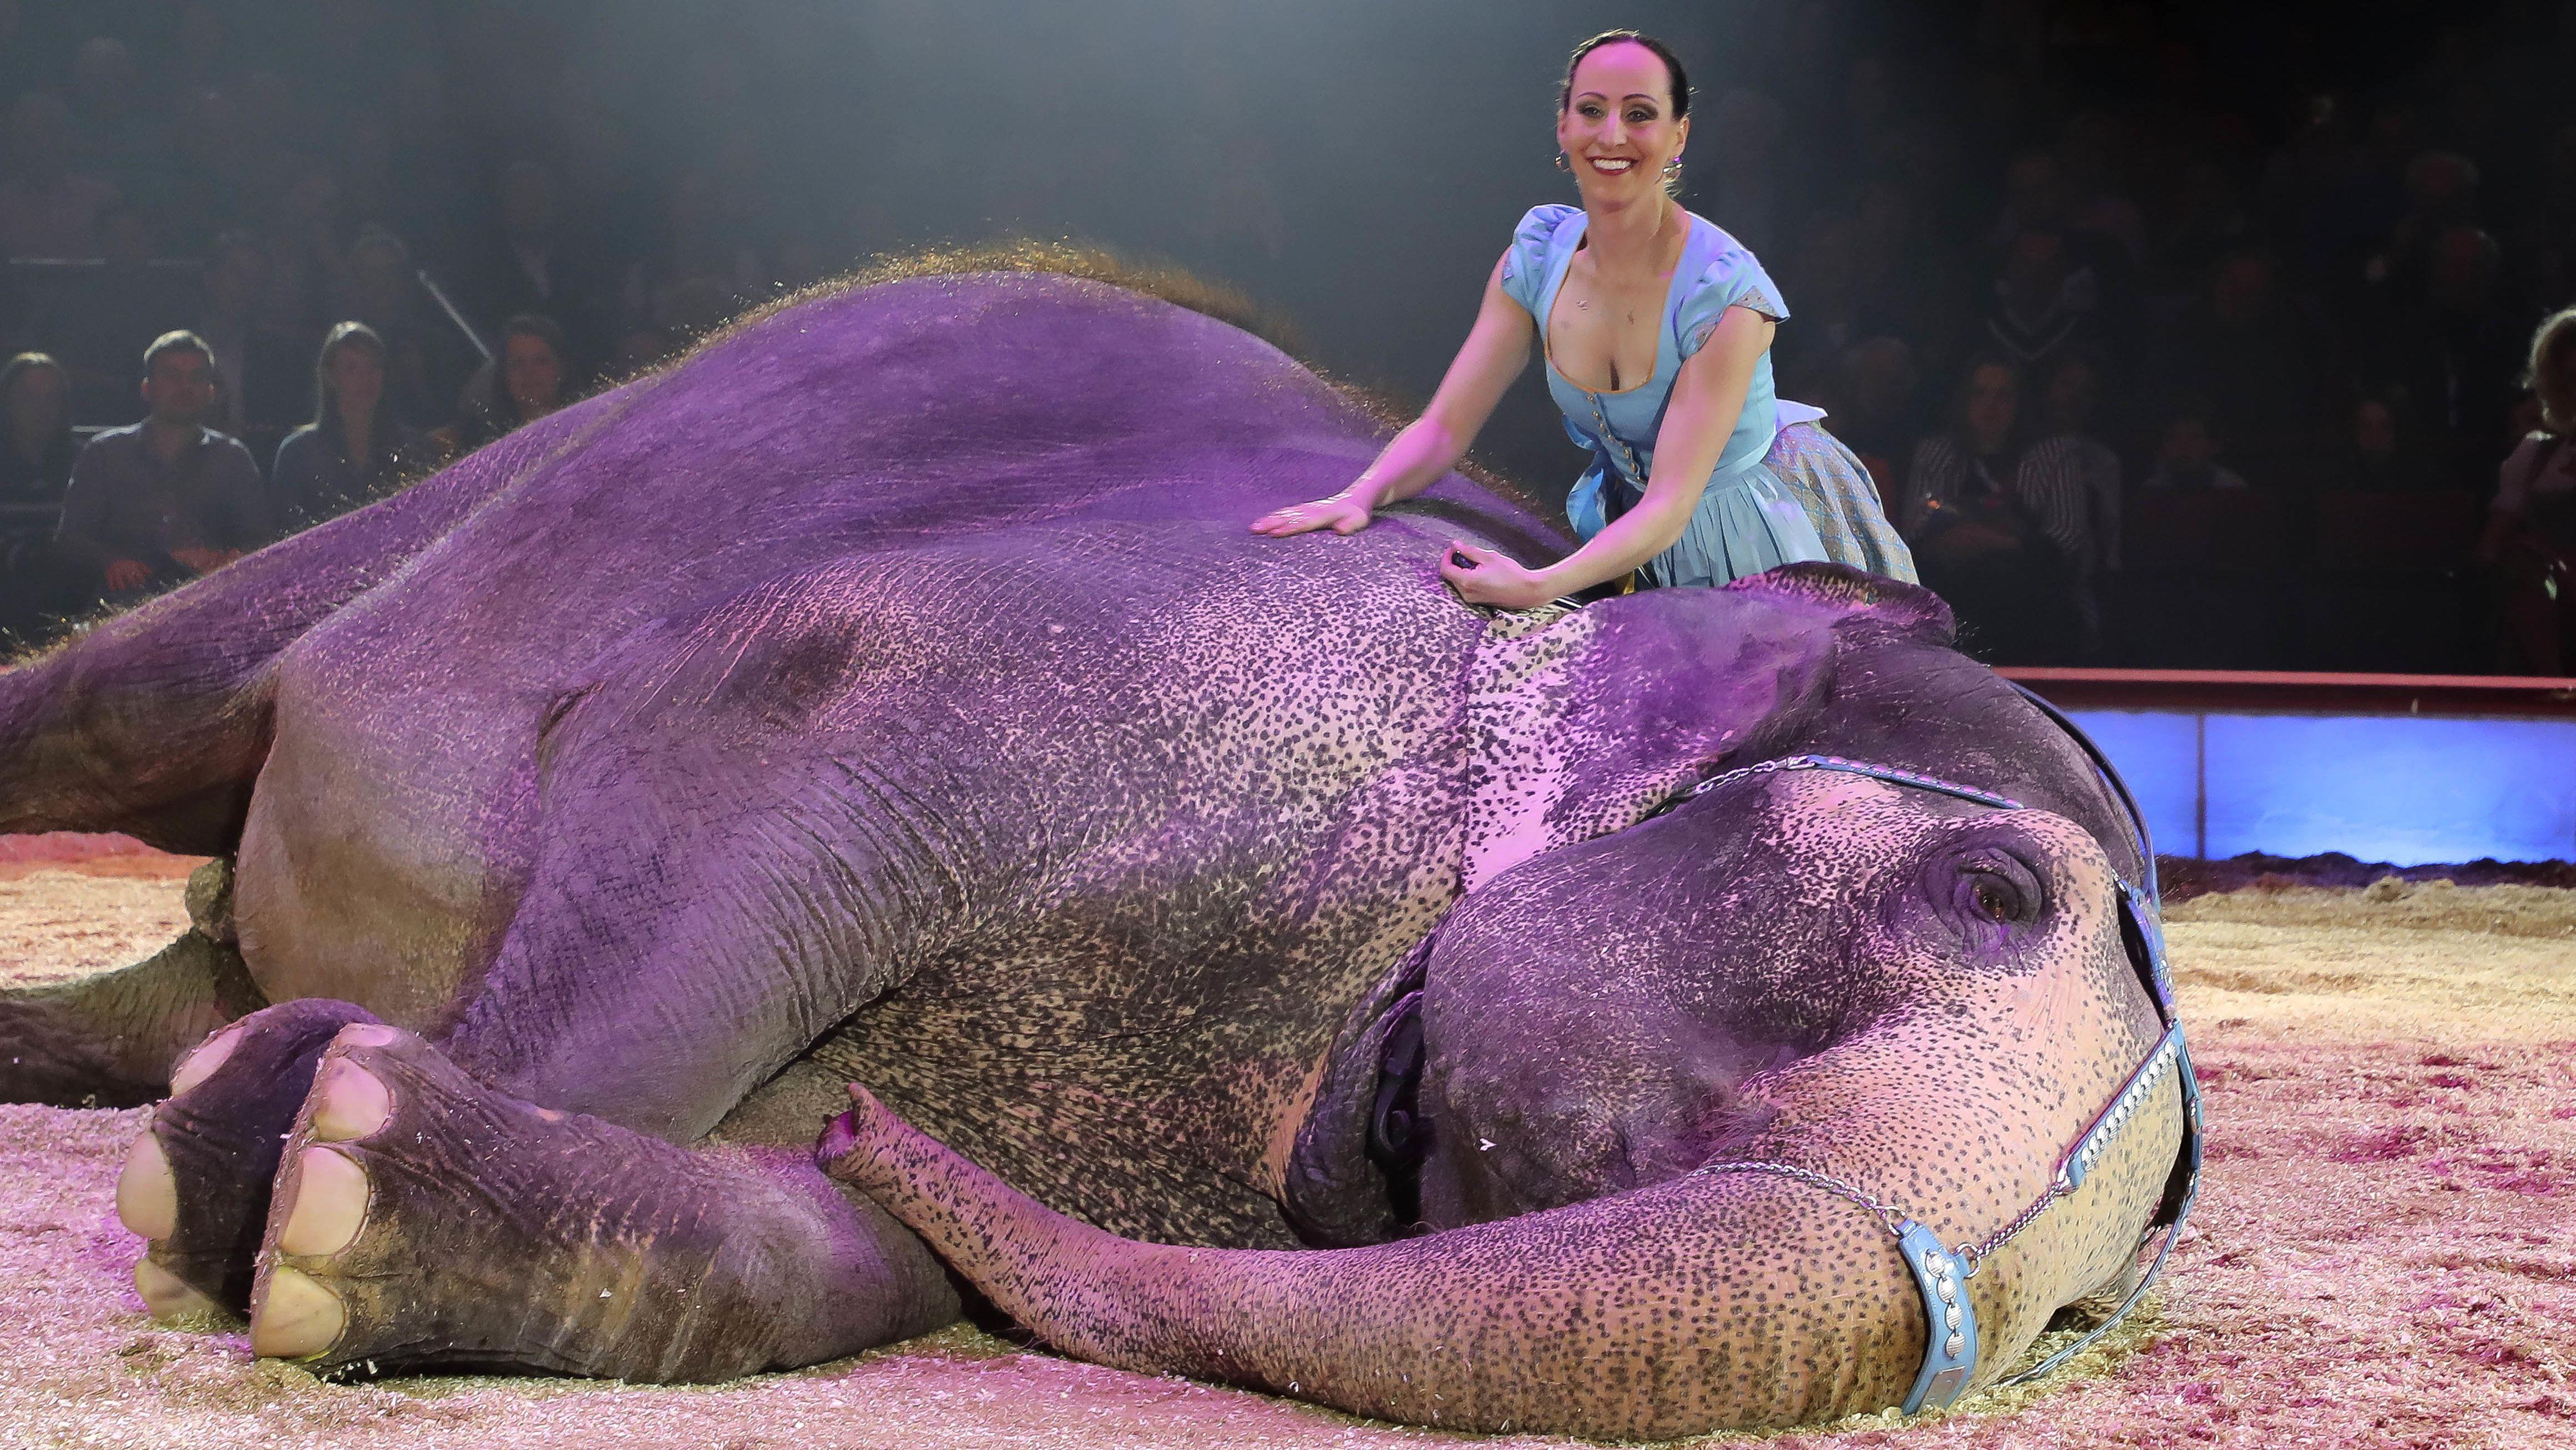 Jana Mandana Lancey-Krone streichelt einen liegenden Elefanten in der Manege in München